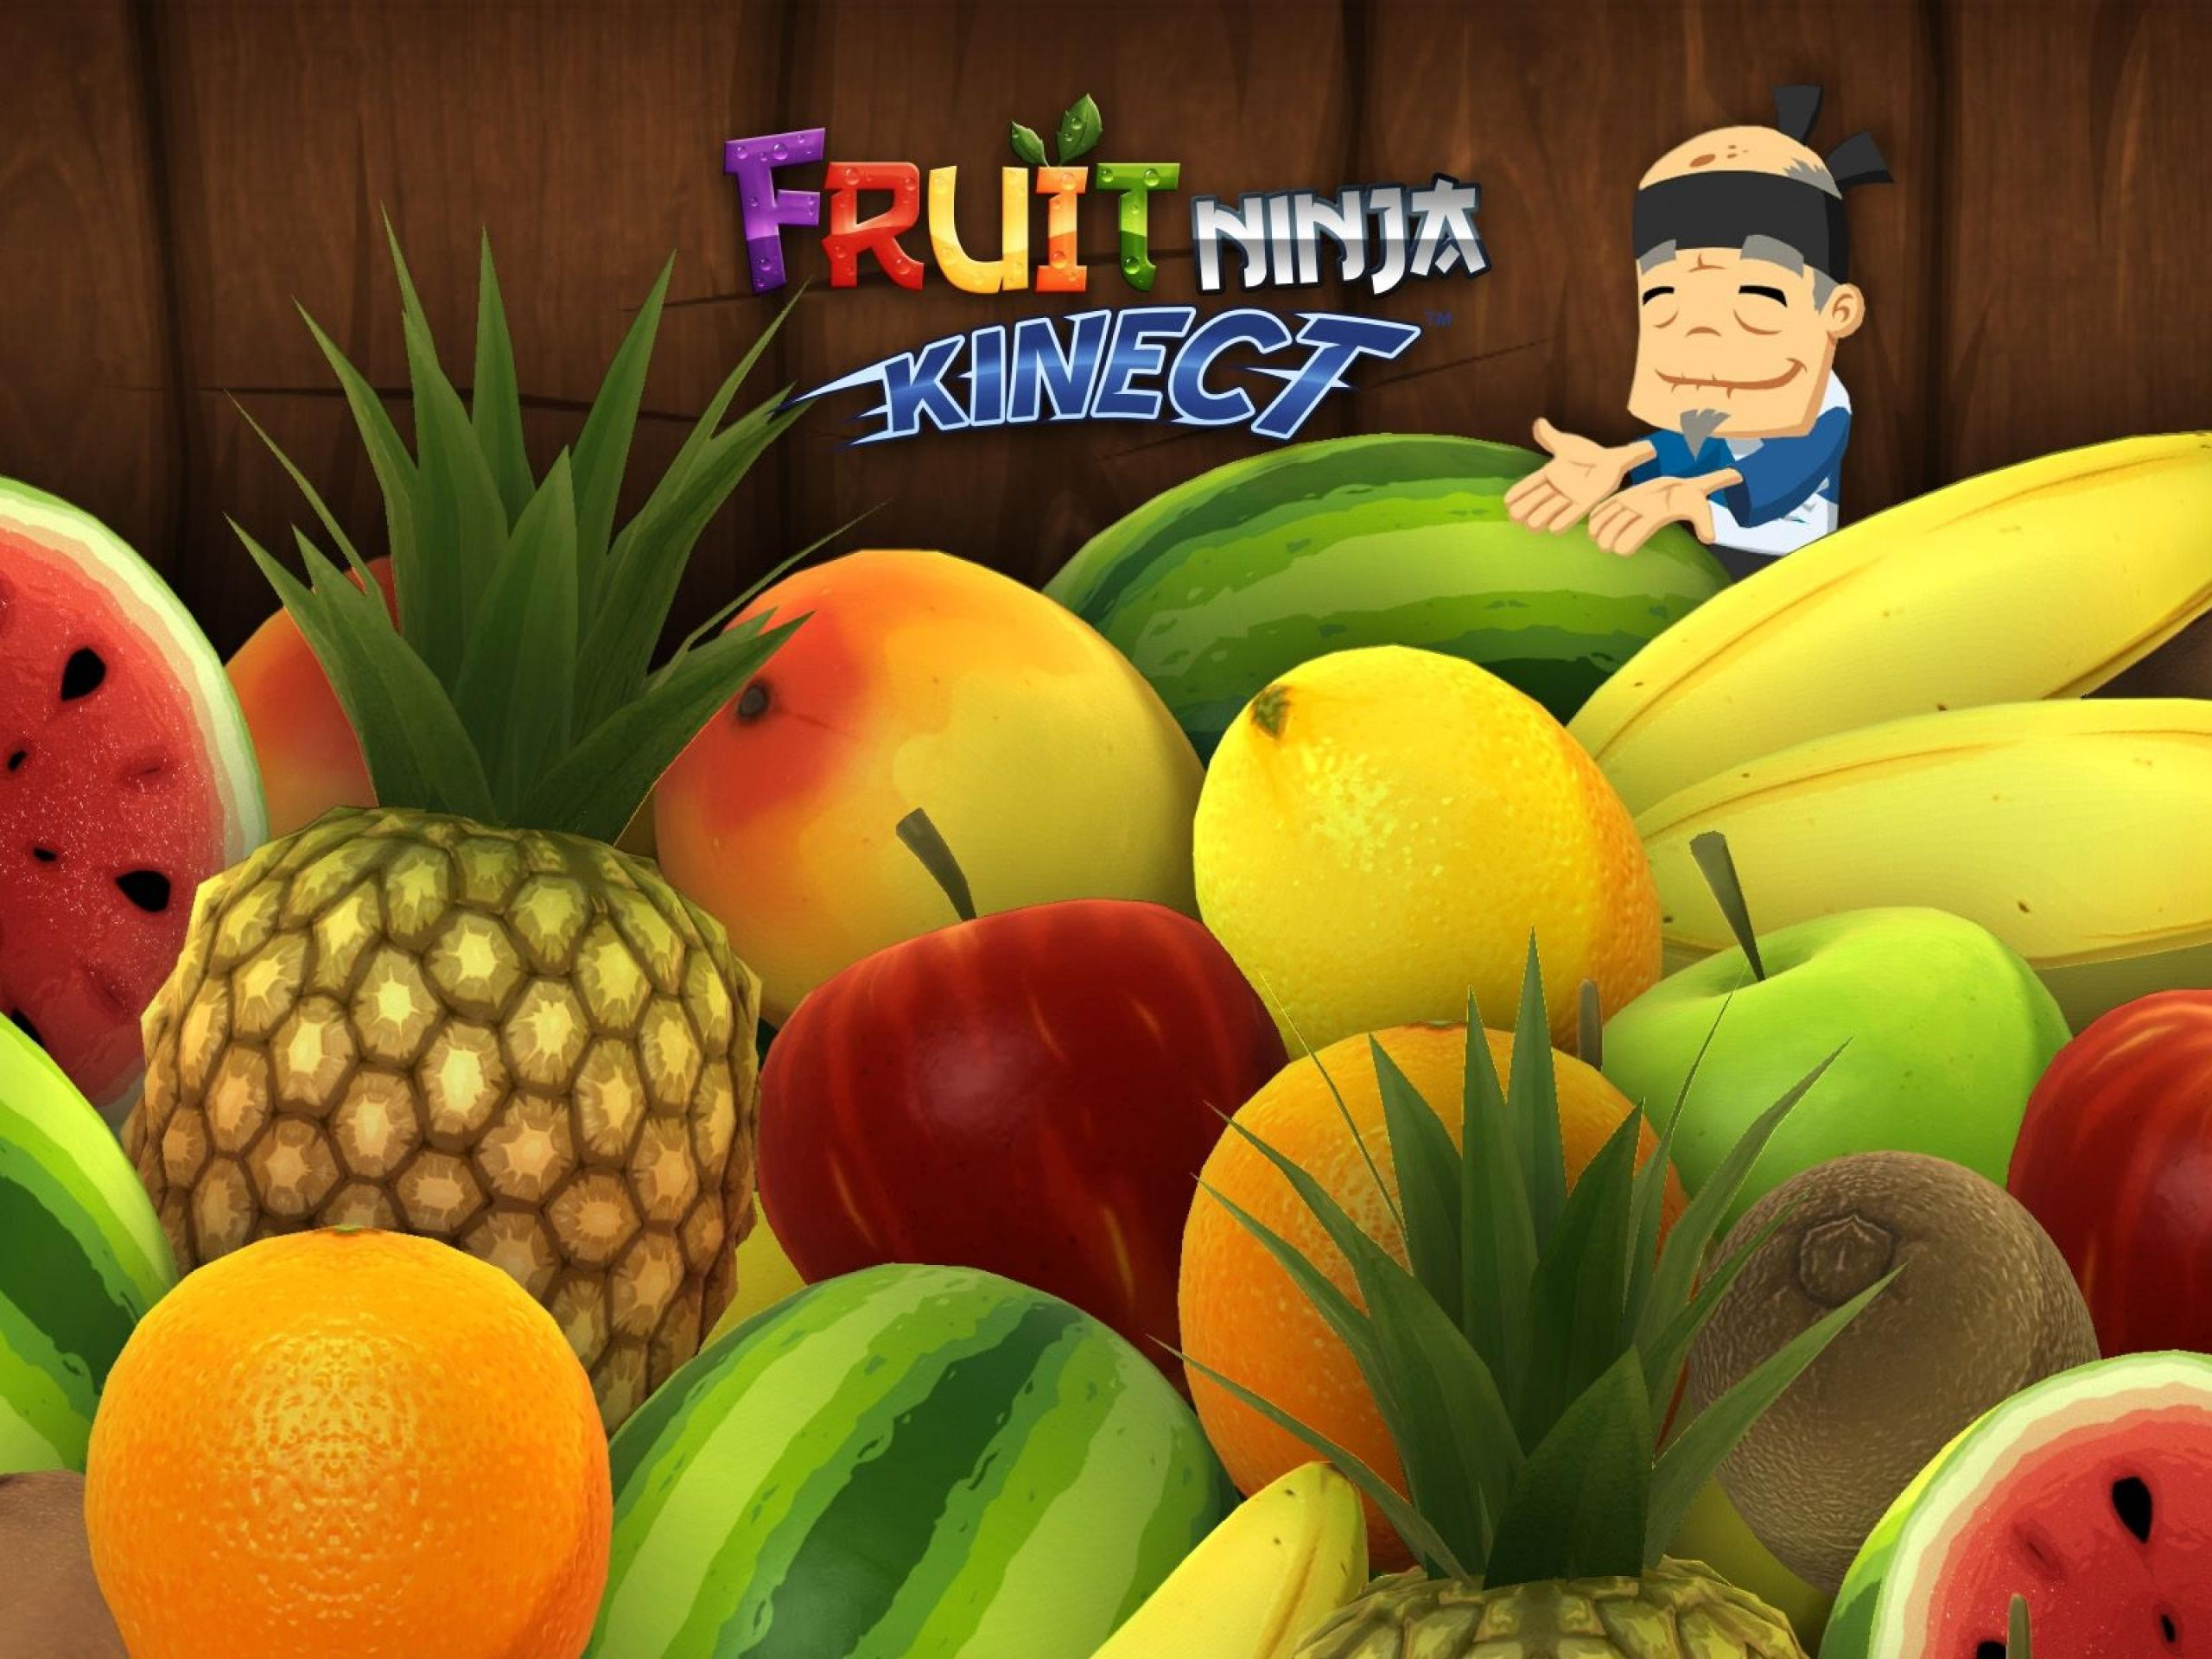 Fruits HD Wallpapers Fruits HD Wallpapers HD Wallpapers Depot Pro 2560x1920